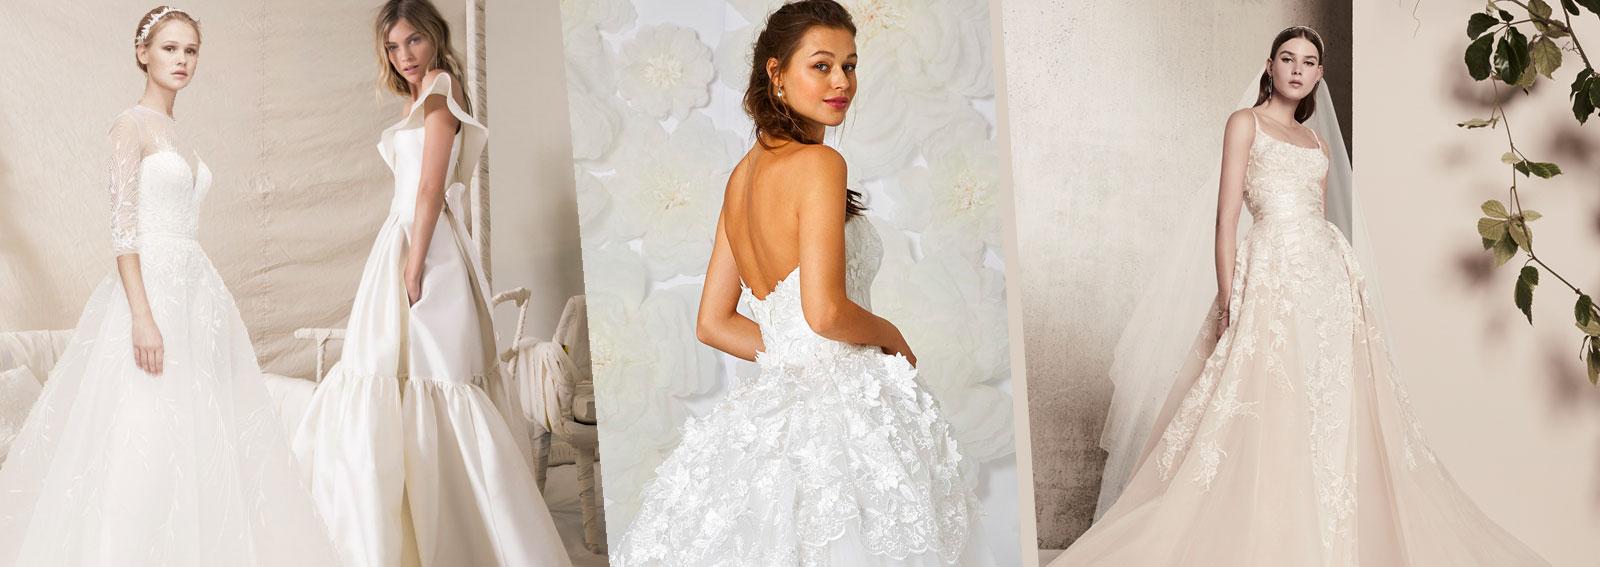 COVER-abiti-da-sposa-principessa-DESKTOP